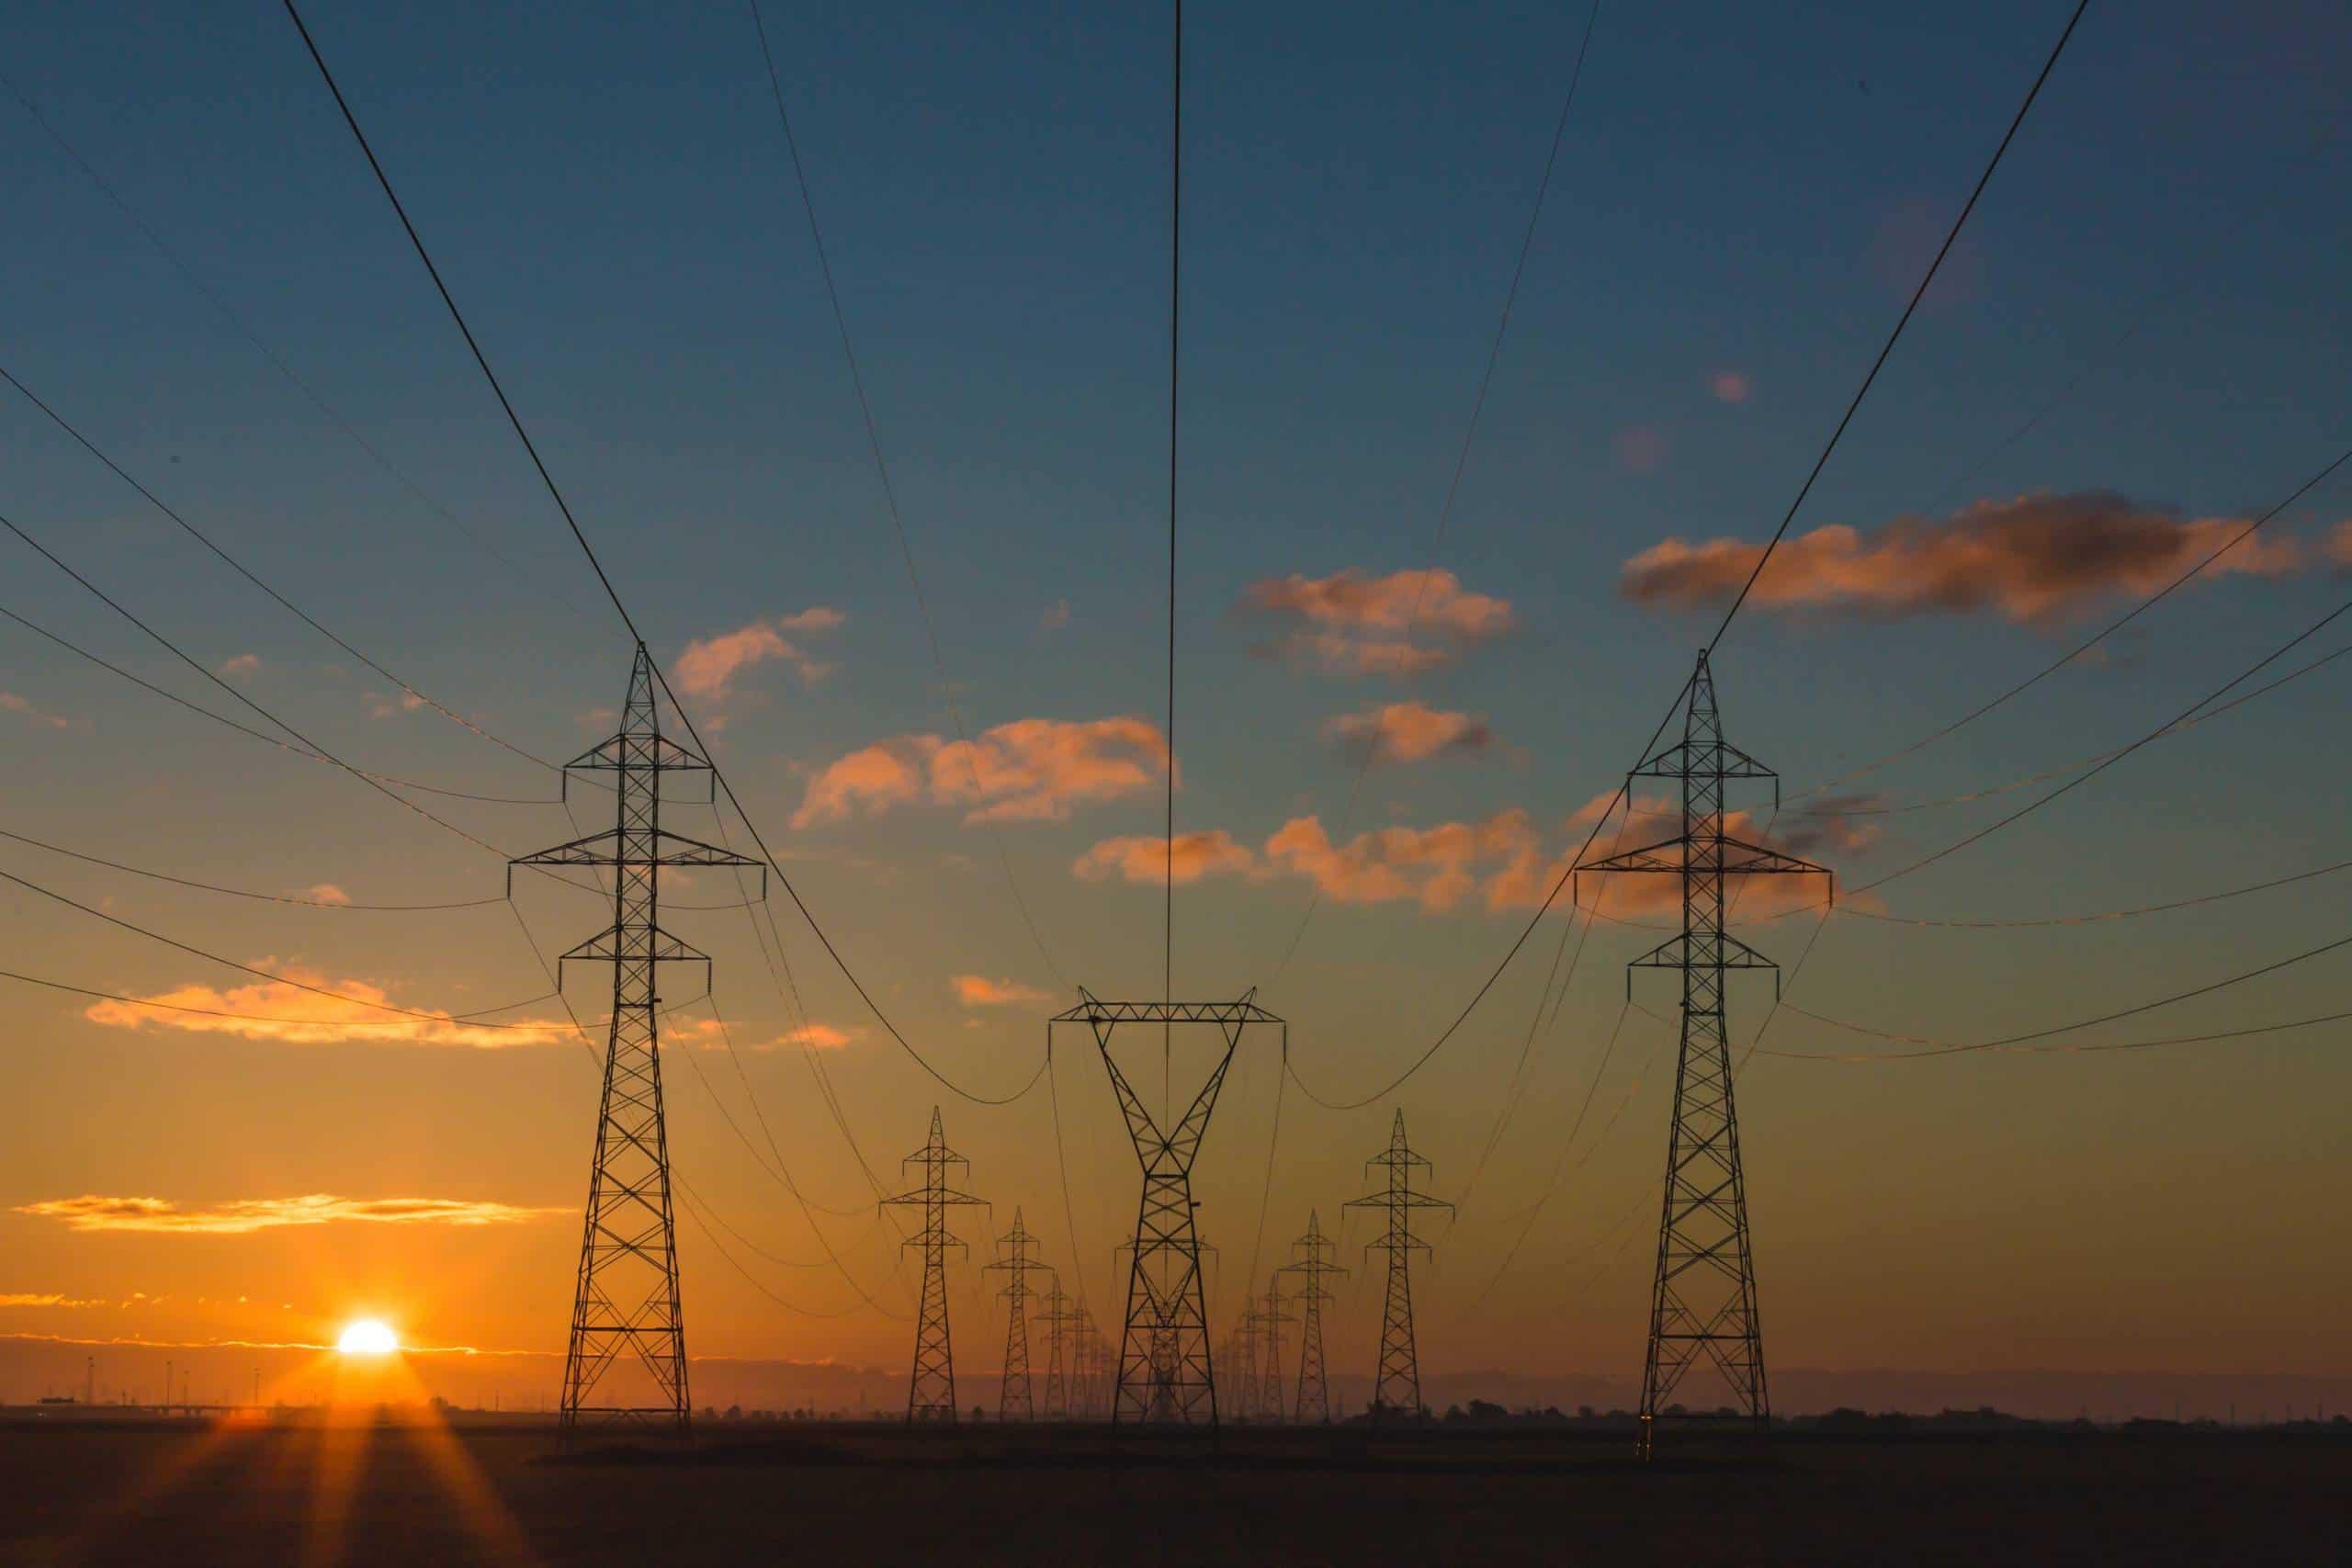 Le réseau de transport électrique, opérateur de la transition énergétique